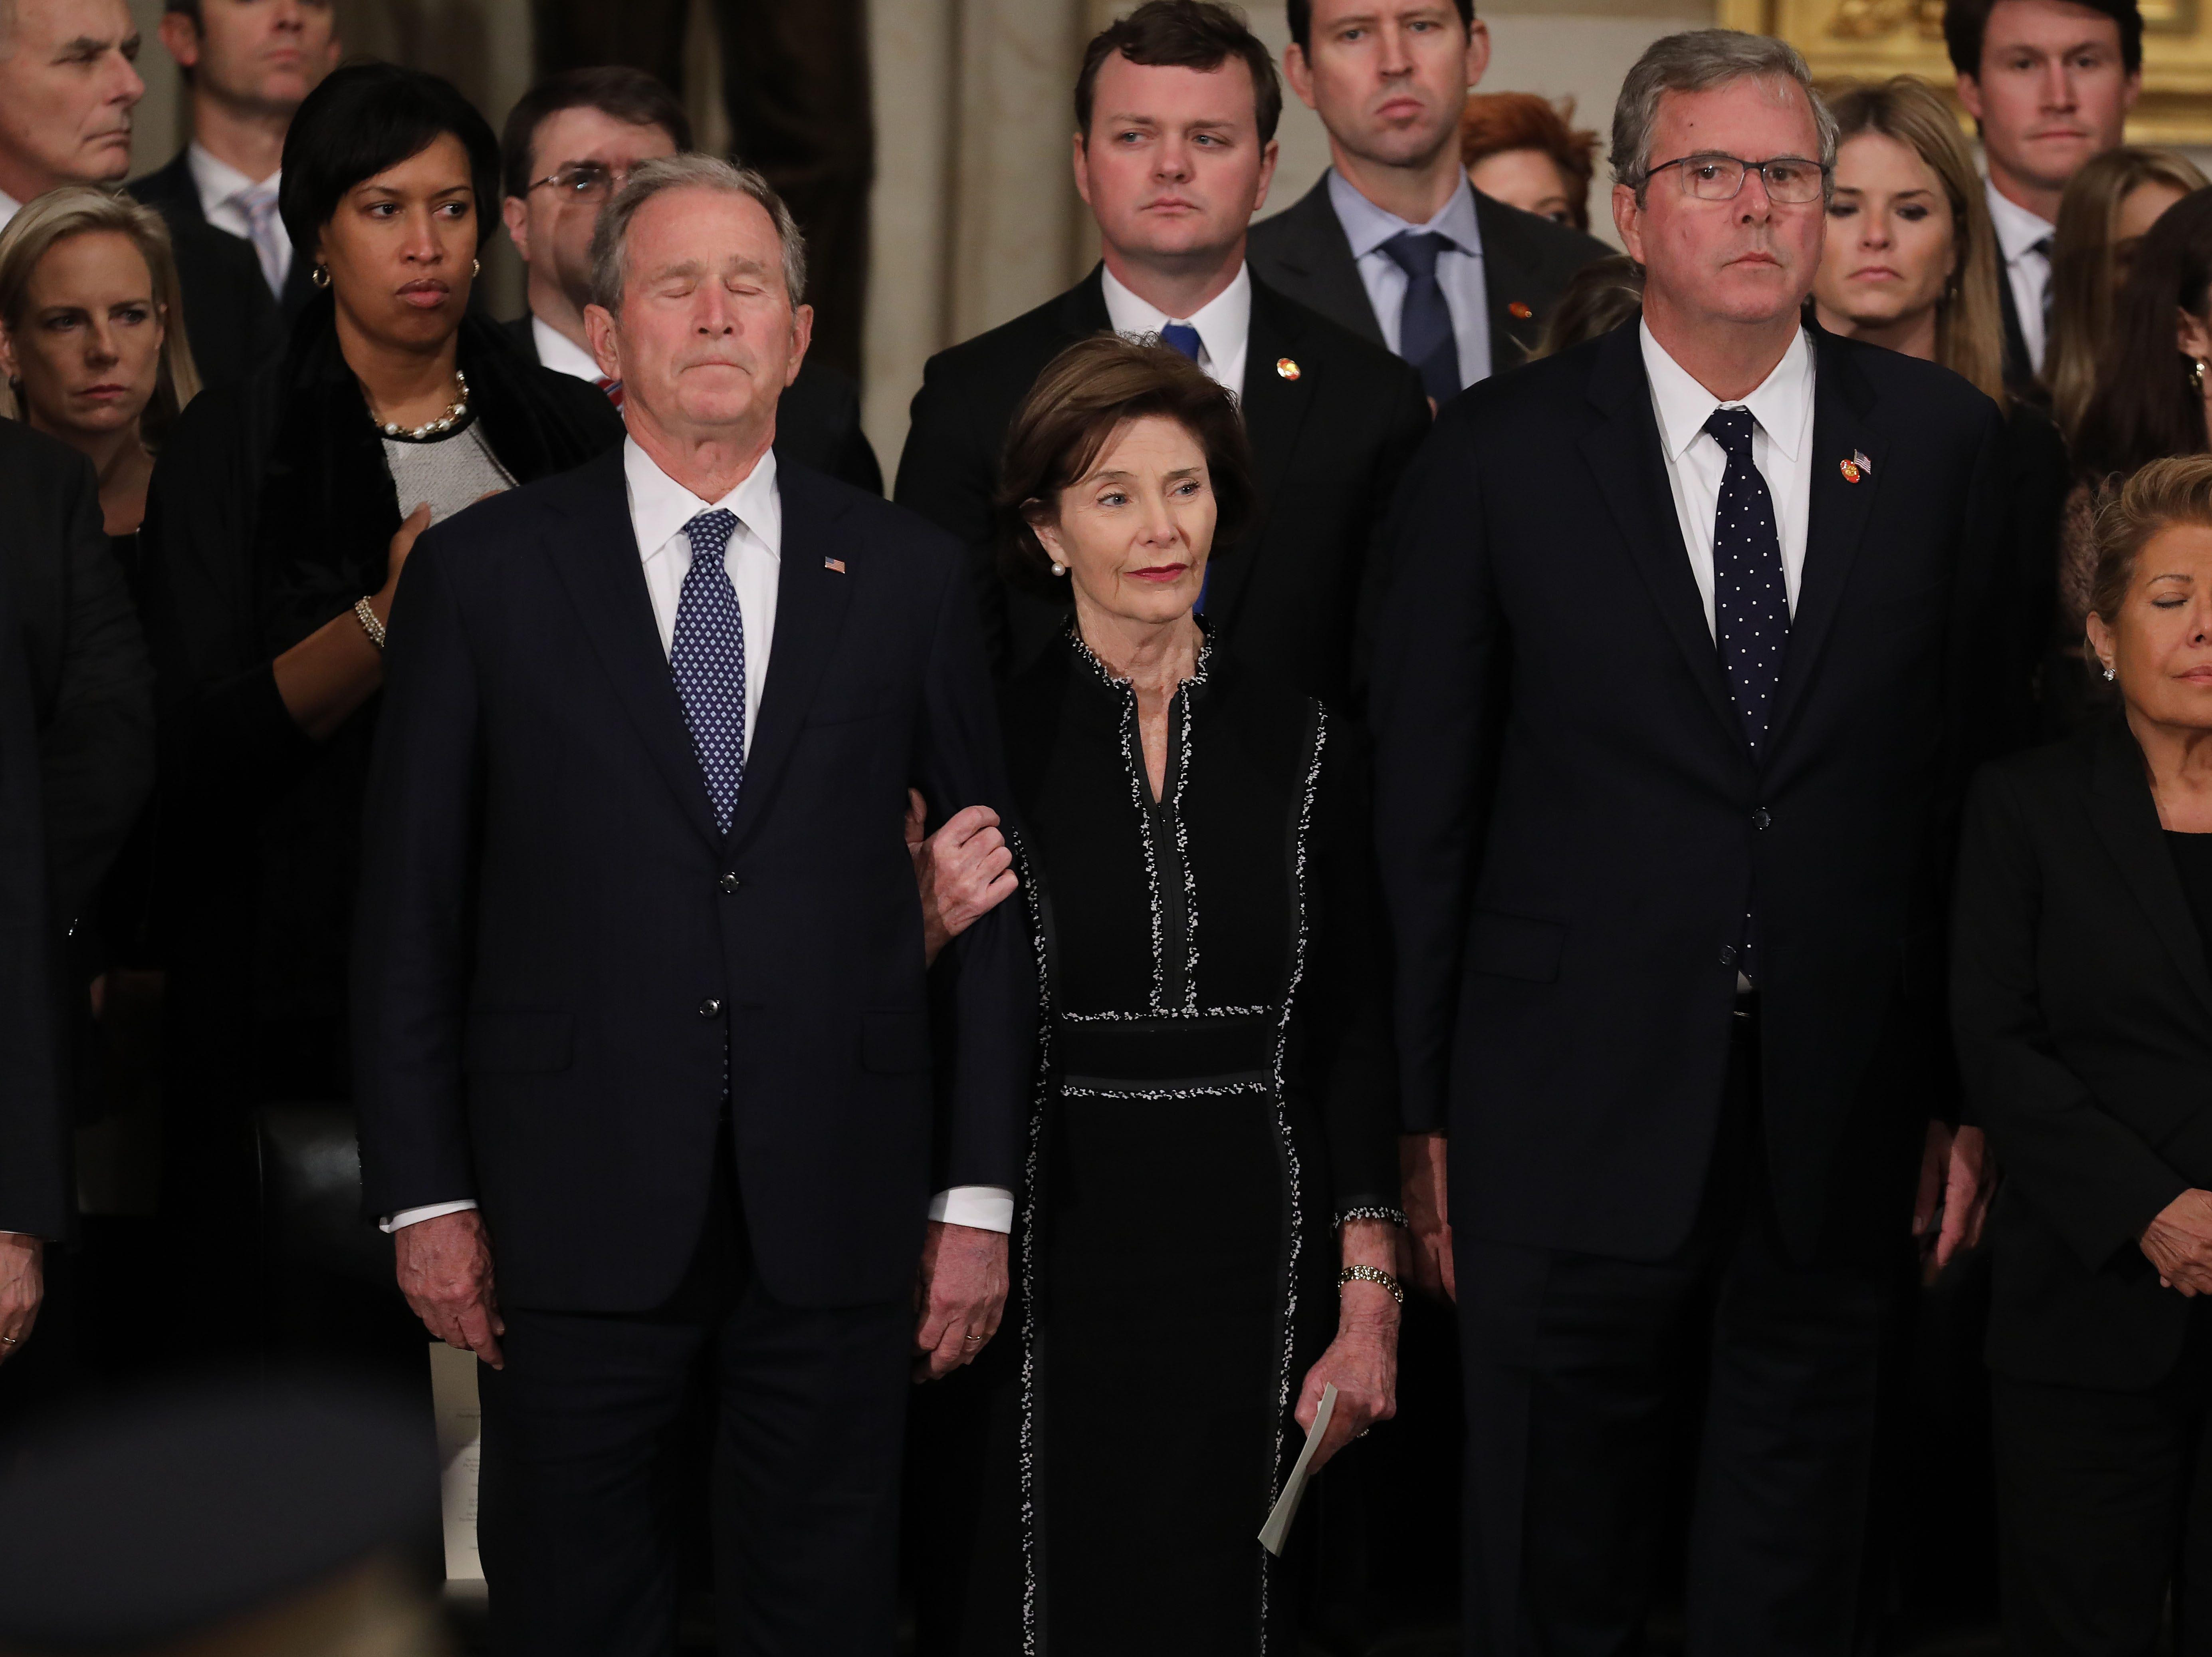 El ex presidente de los Estados Unidos George W. Bush, la ex primera dama Laura Bush, el ex gobernador de Florida Jeb Bush y Columba Bush asisten a un servicio conmemorativo para el ex presidente George H.W. Bush en la Rotonda del Capitolio de Estados Unidos el 3 de diciembre de 2018 en Washington, DC.